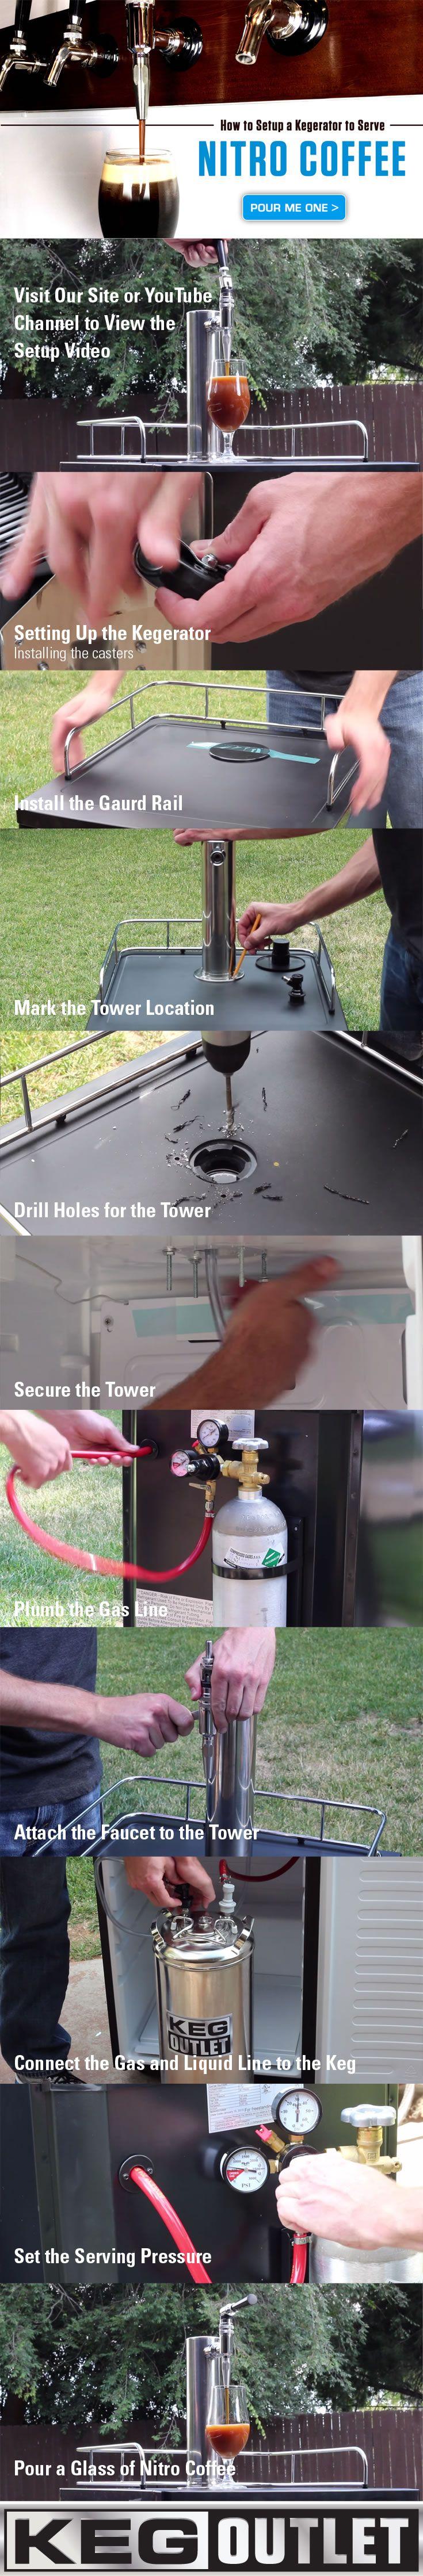 How to setup a kegerator to serve nitro coffee grifos de